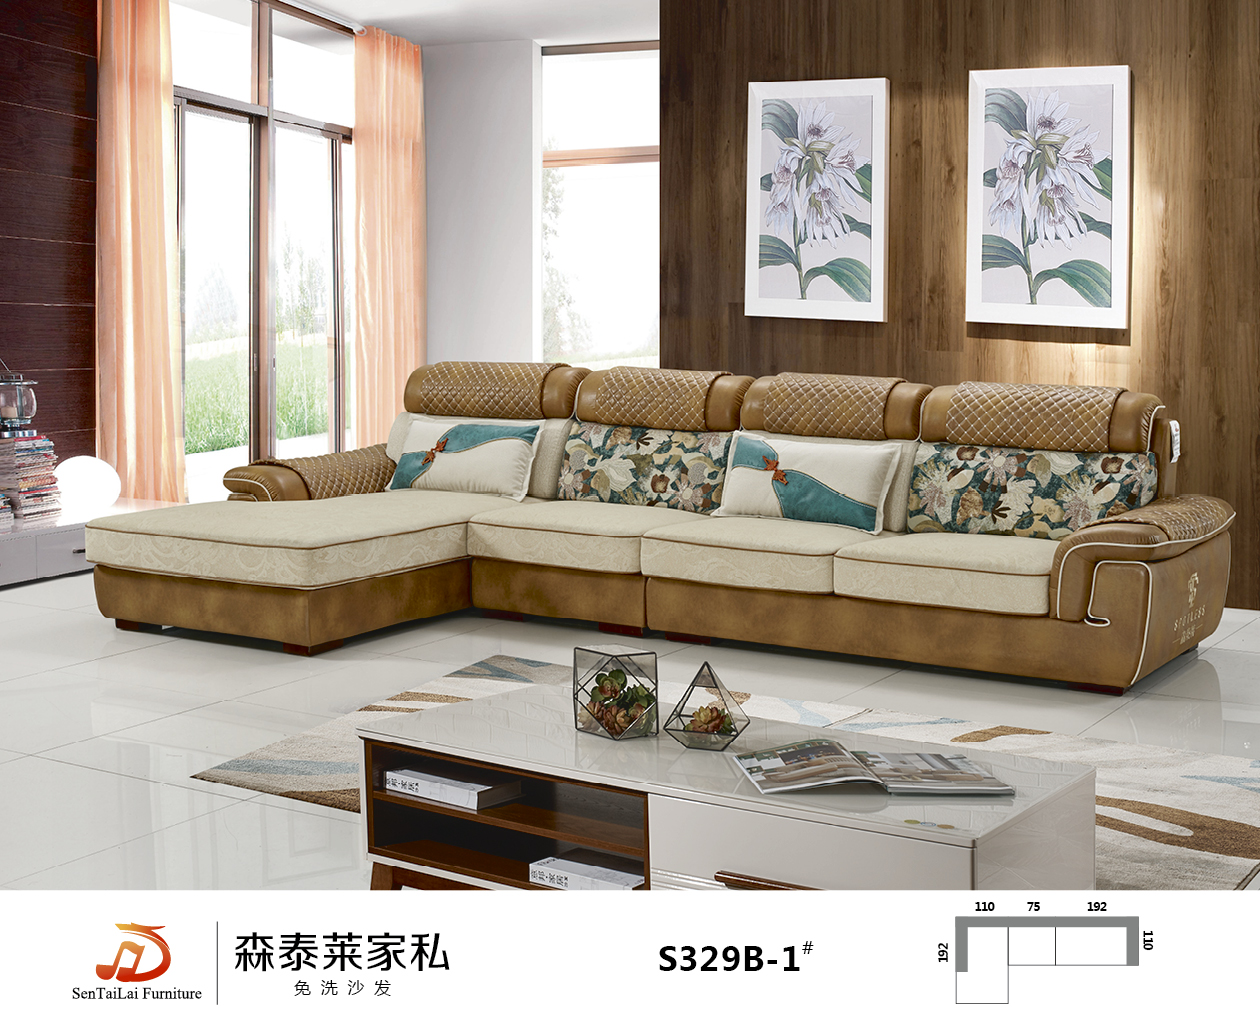 新款推荐丨有颜色的布艺沙发,有品味的家!